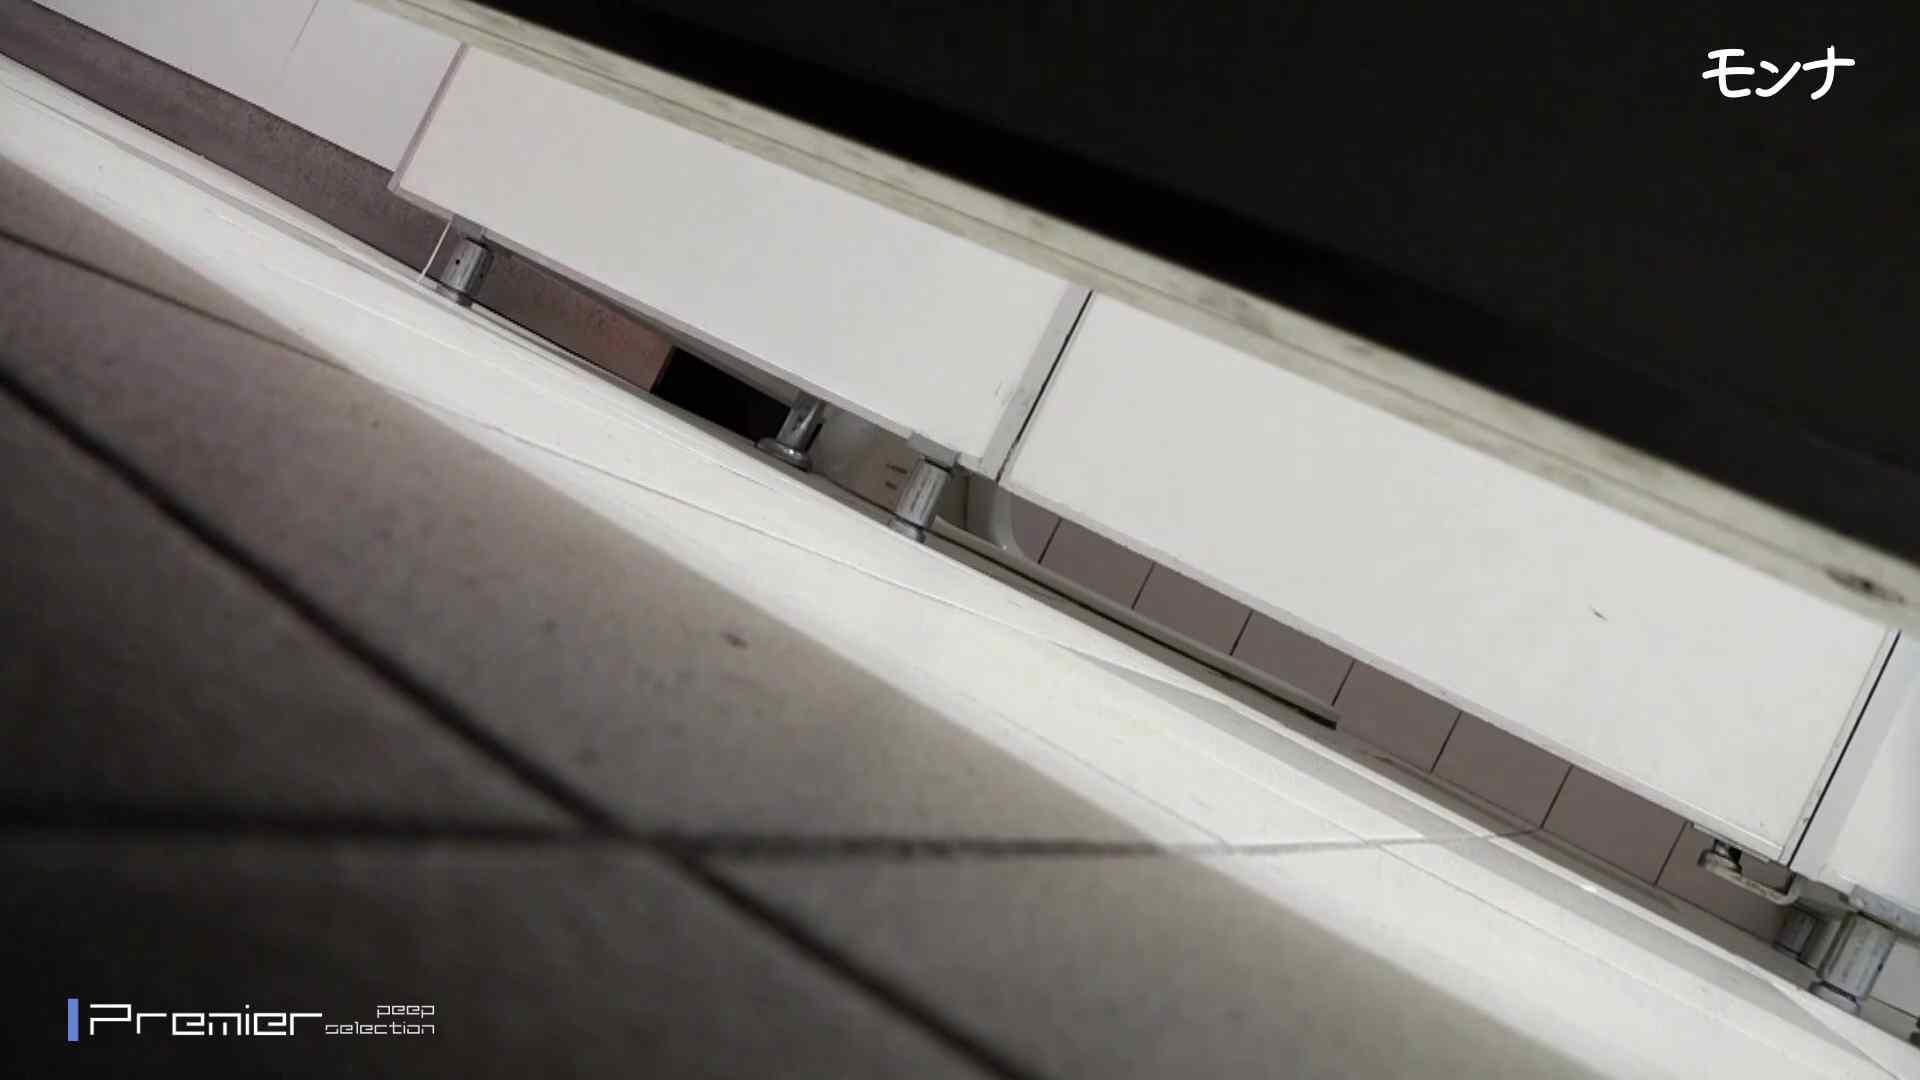 美しい日本の未来 No.70 若さゆえの美しい丸み ギャル・コレクション | 盗撮エロすぎ  23連発 2